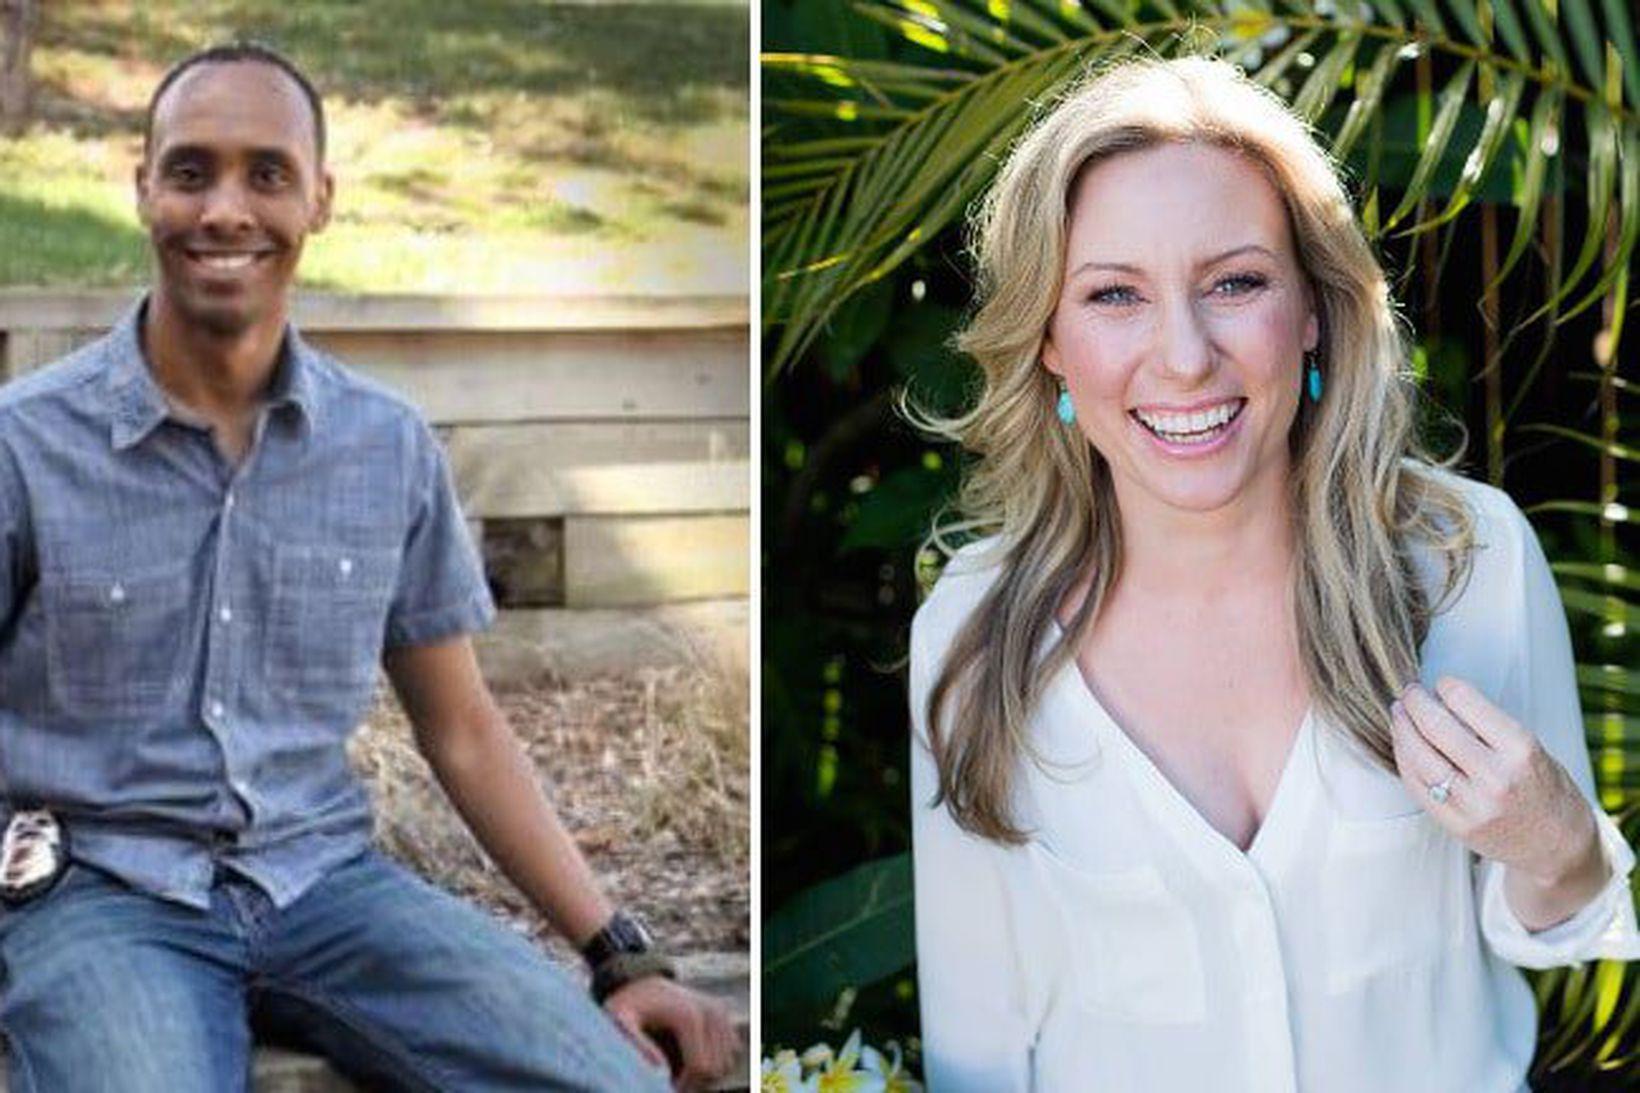 Lögreglumaðurinn Mohamed Noor og Justine Damond.